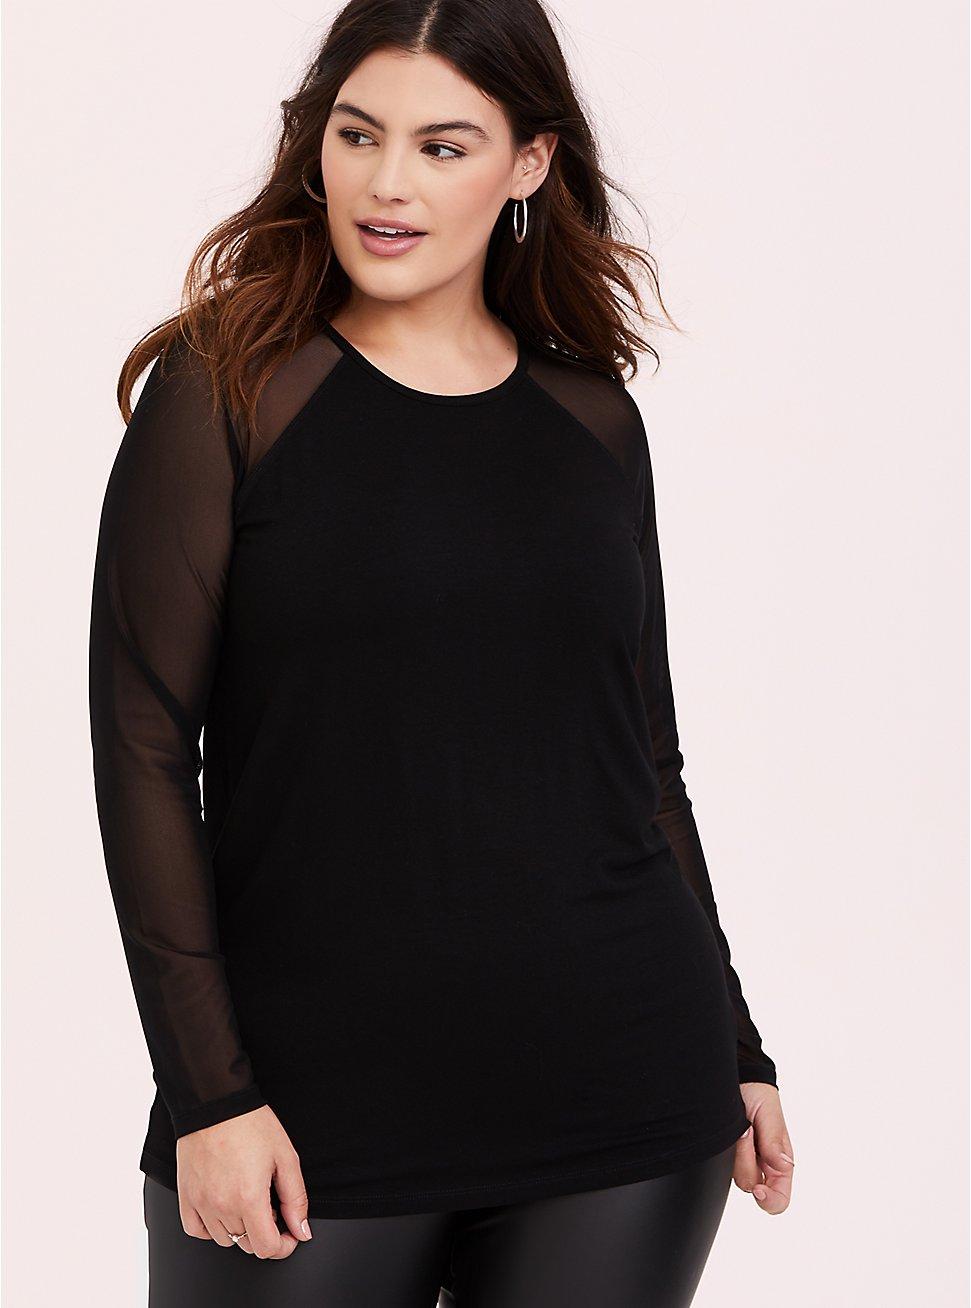 Super Soft Black Mesh Long Sleeve Top, DEEP BLACK, hi-res